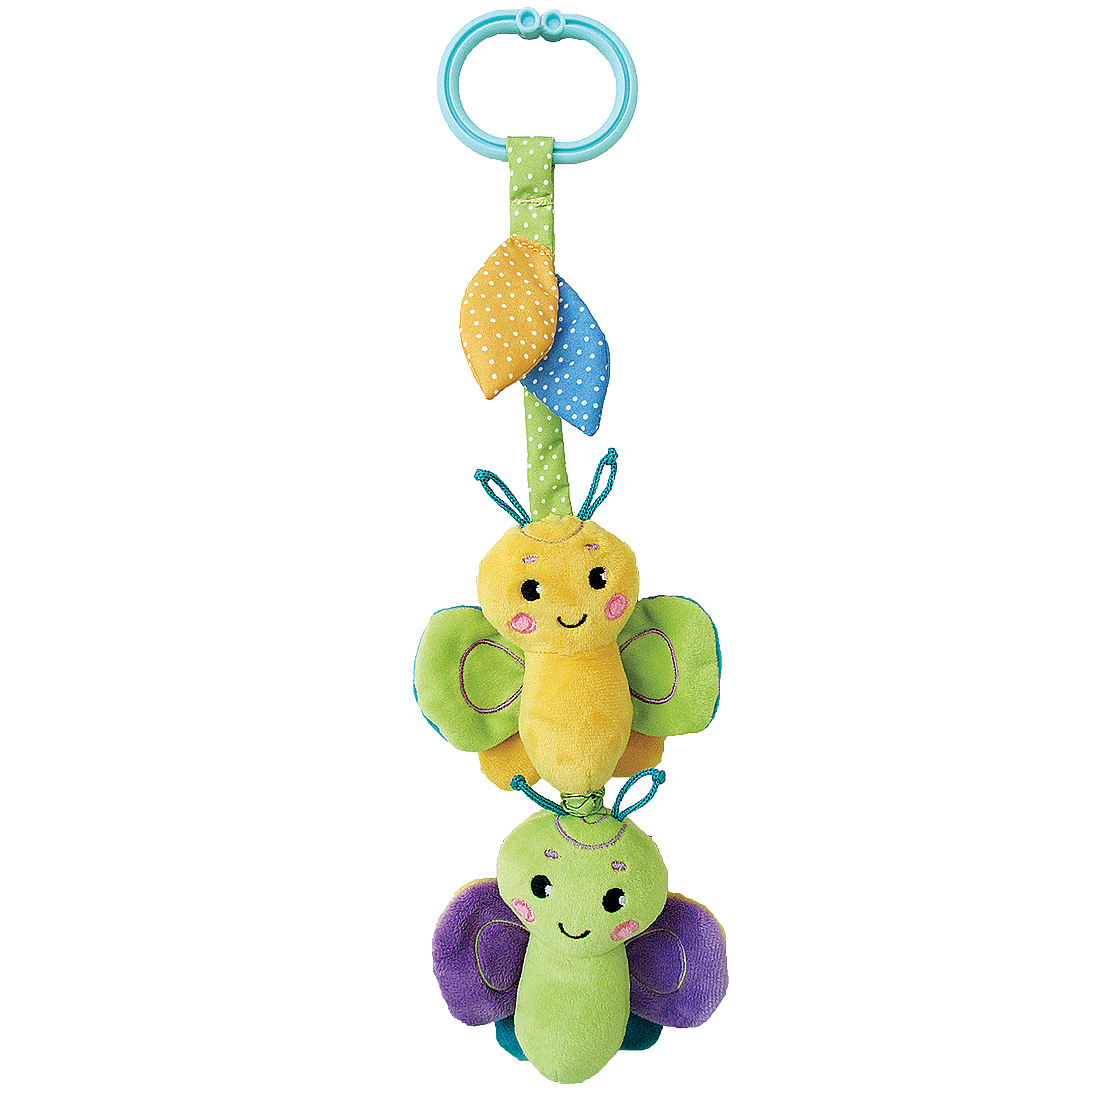 Подвесные игрушки и дуги Жирафики Подвеска Жирафики «Бабочка» с вибрацией, пищалкой и шуршалкой, зеленая подвесные игрушки жирафики бабочка 93848